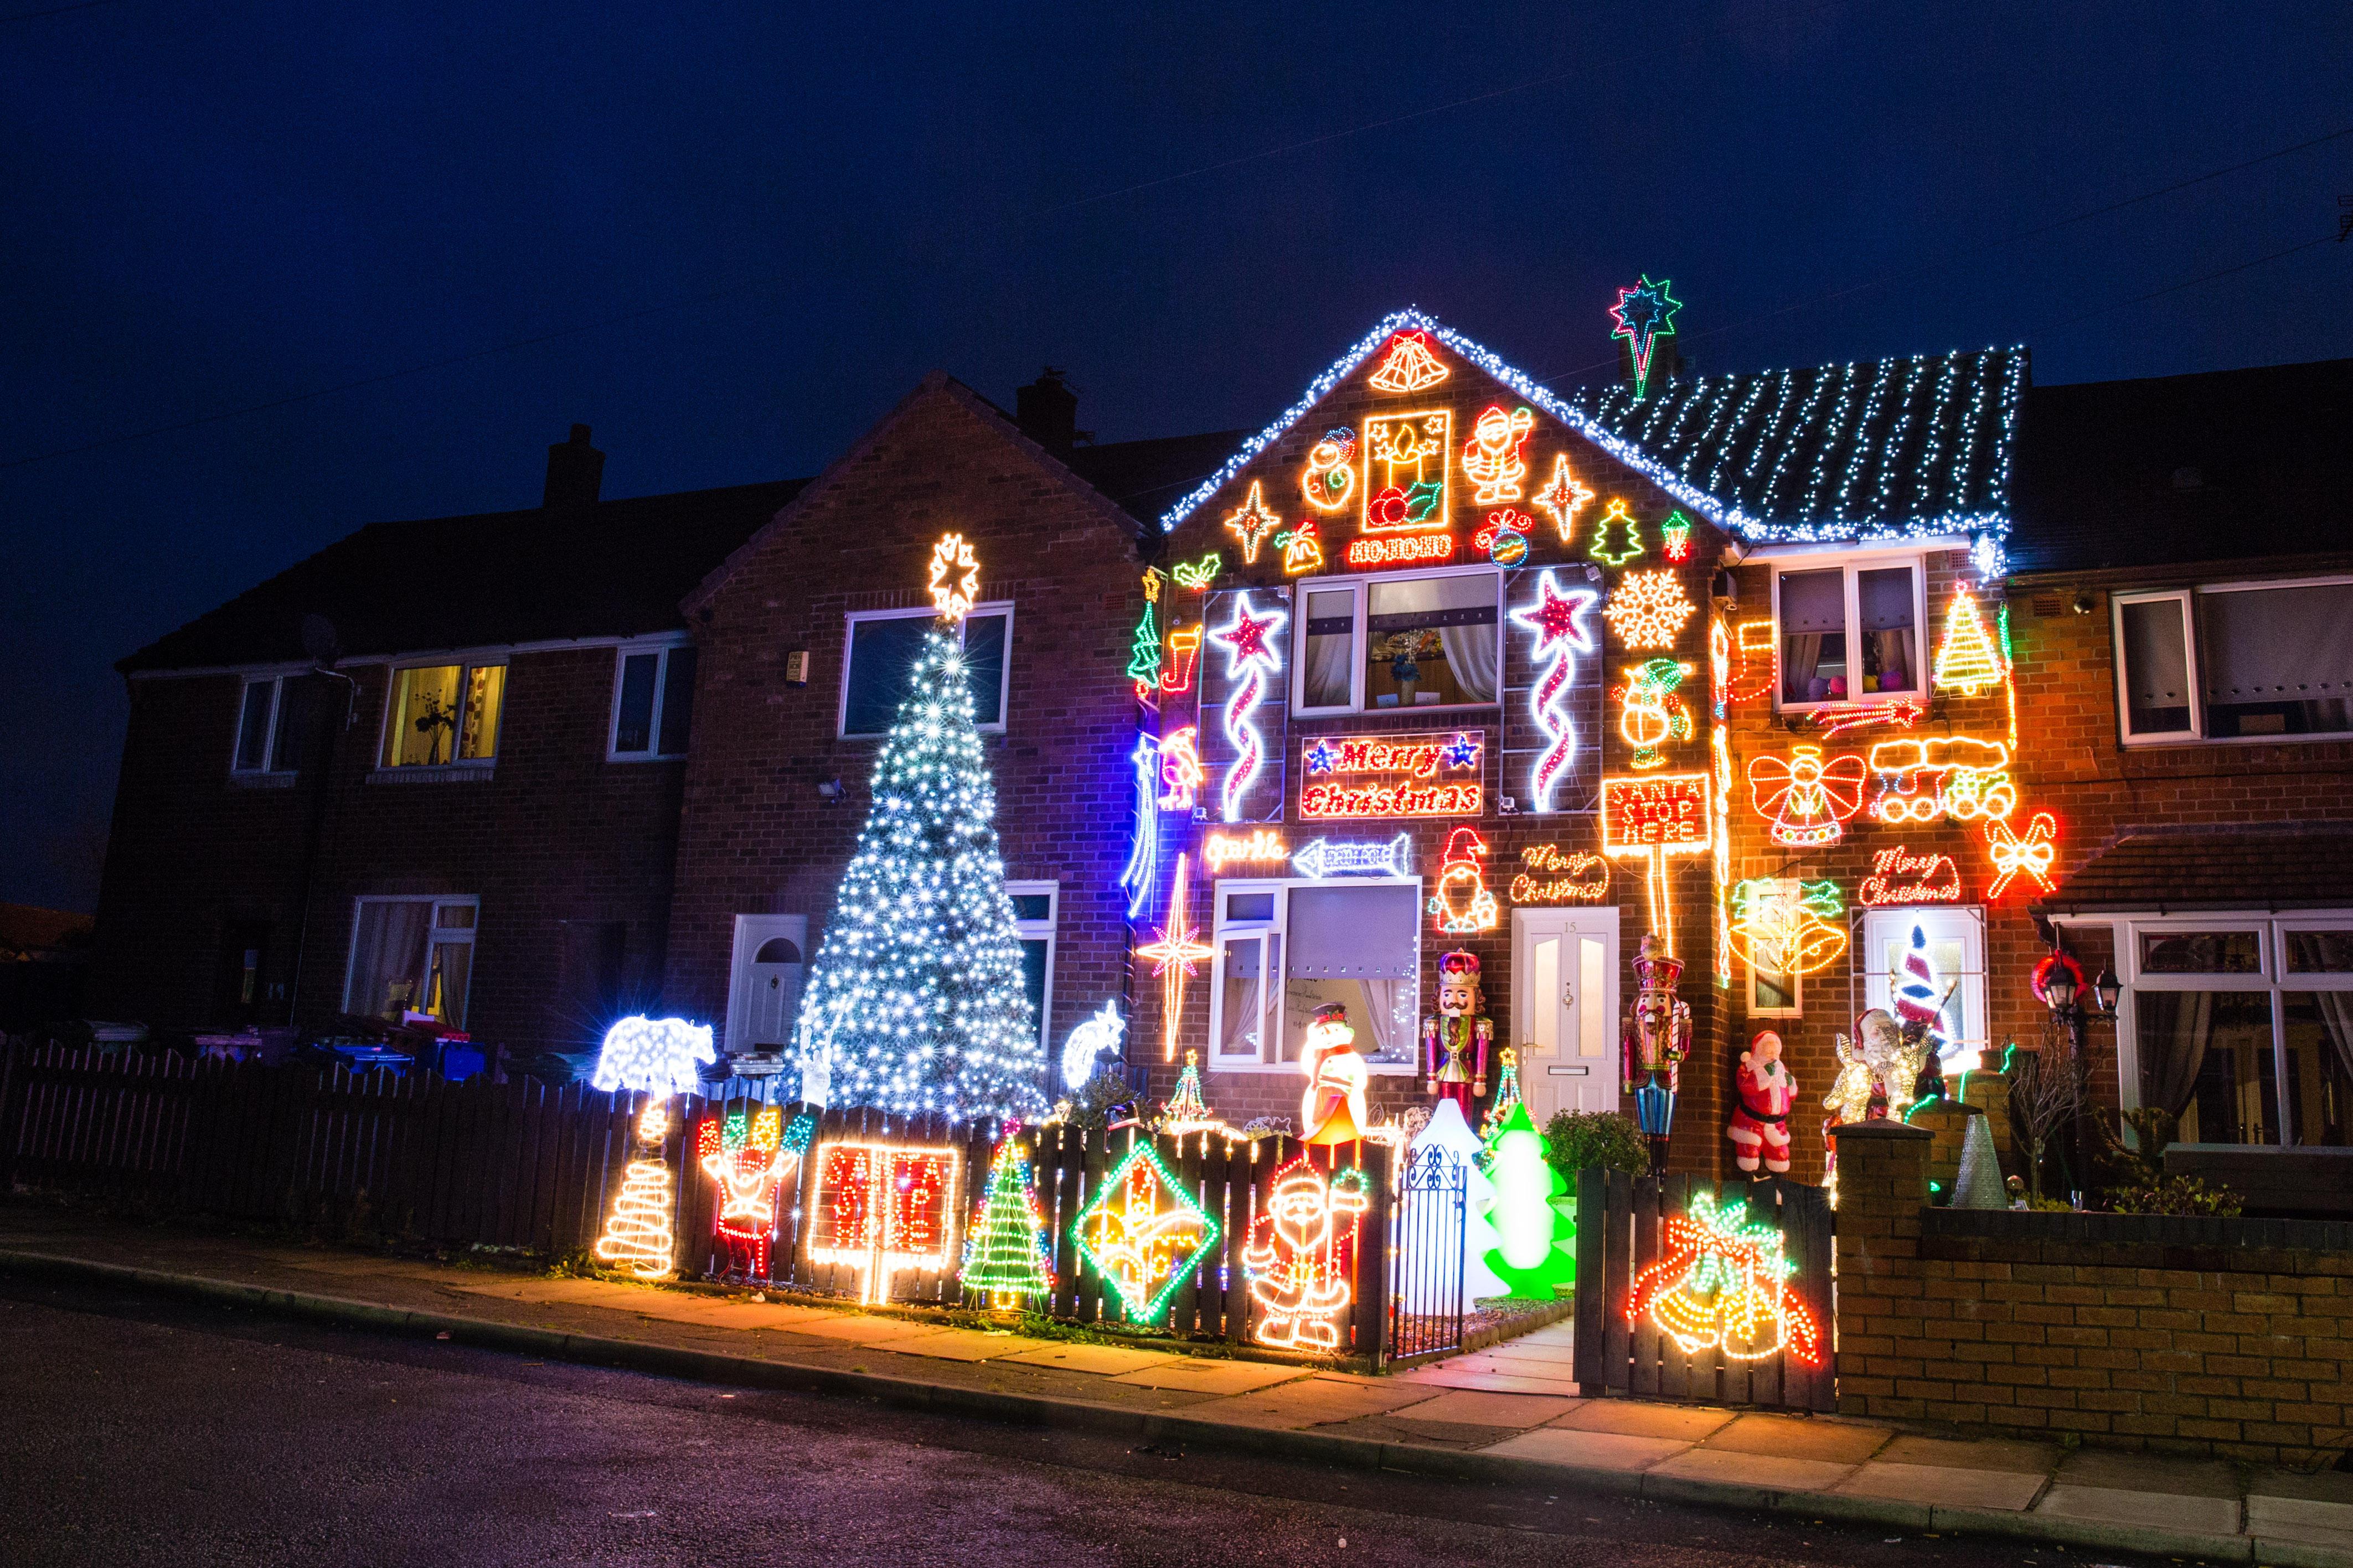 Immagini Luci Di Natale.Diecimila Luci Di Natale La Casa Dei Record E In